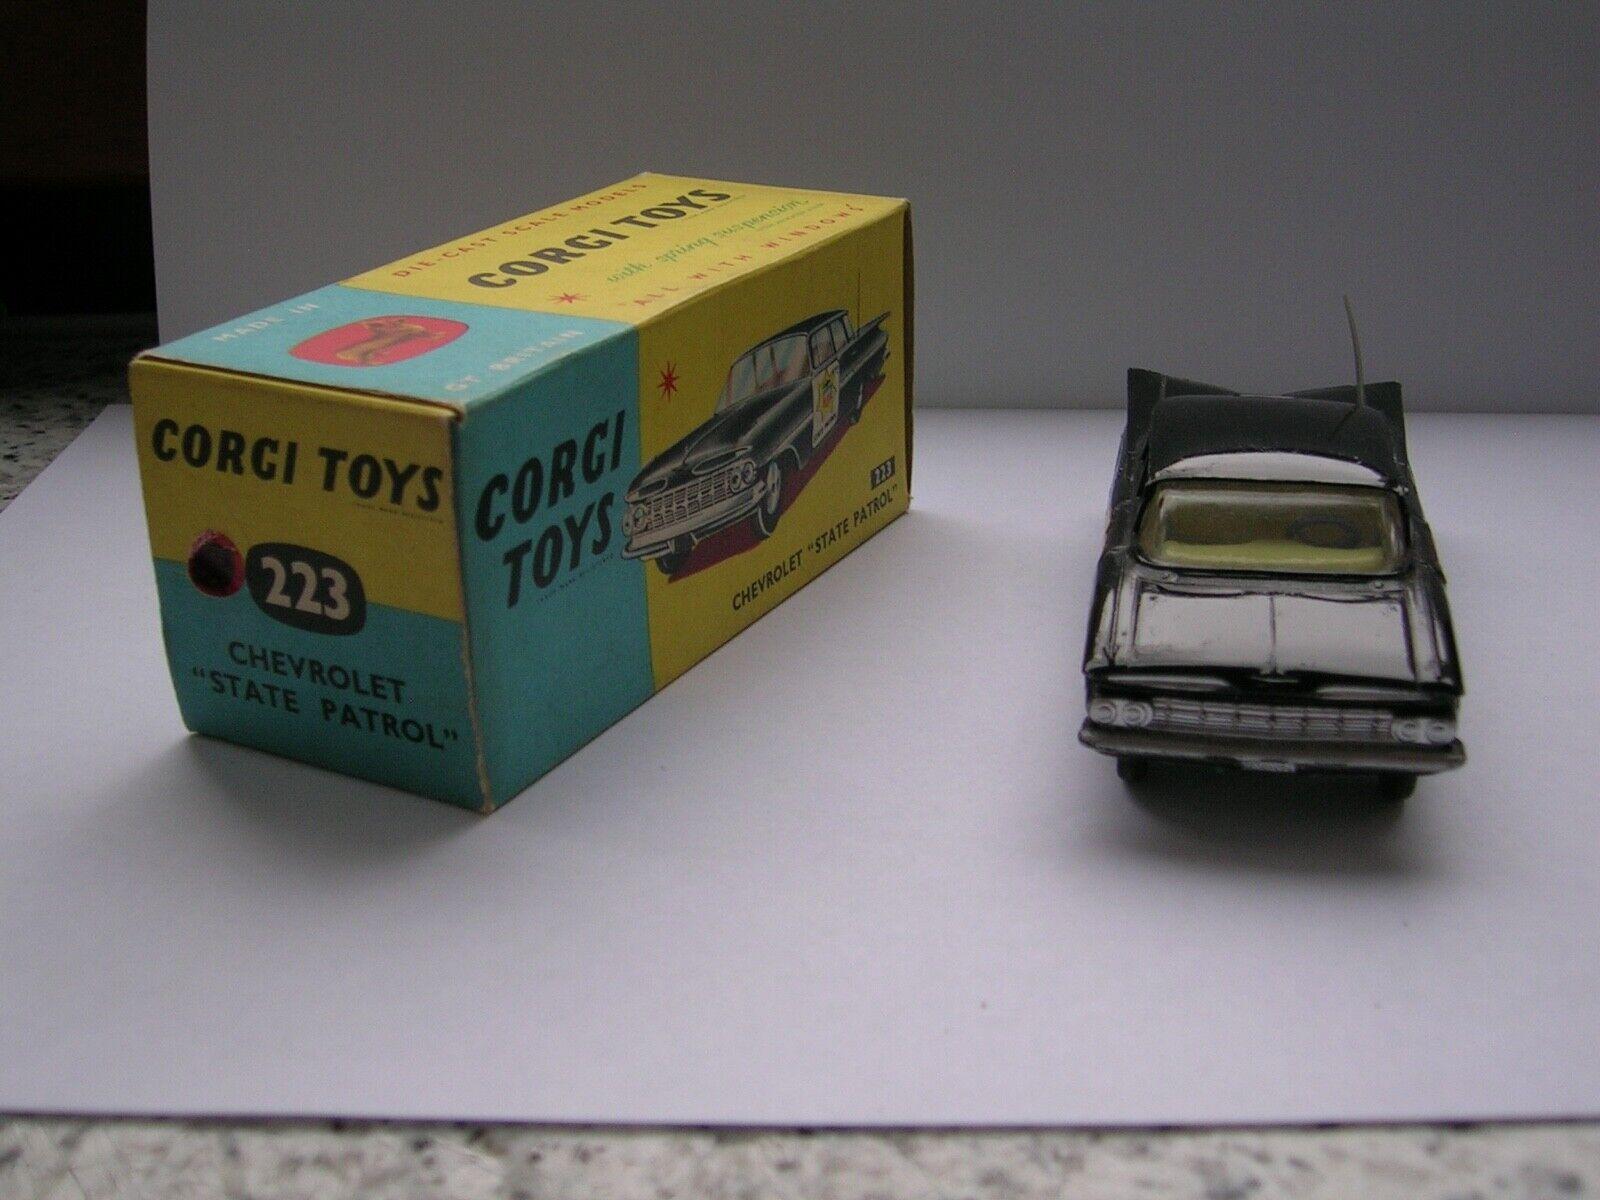 Corgi Toys 223 Chevrolet Impala coche de policía, MIB, envío gratuito Intl